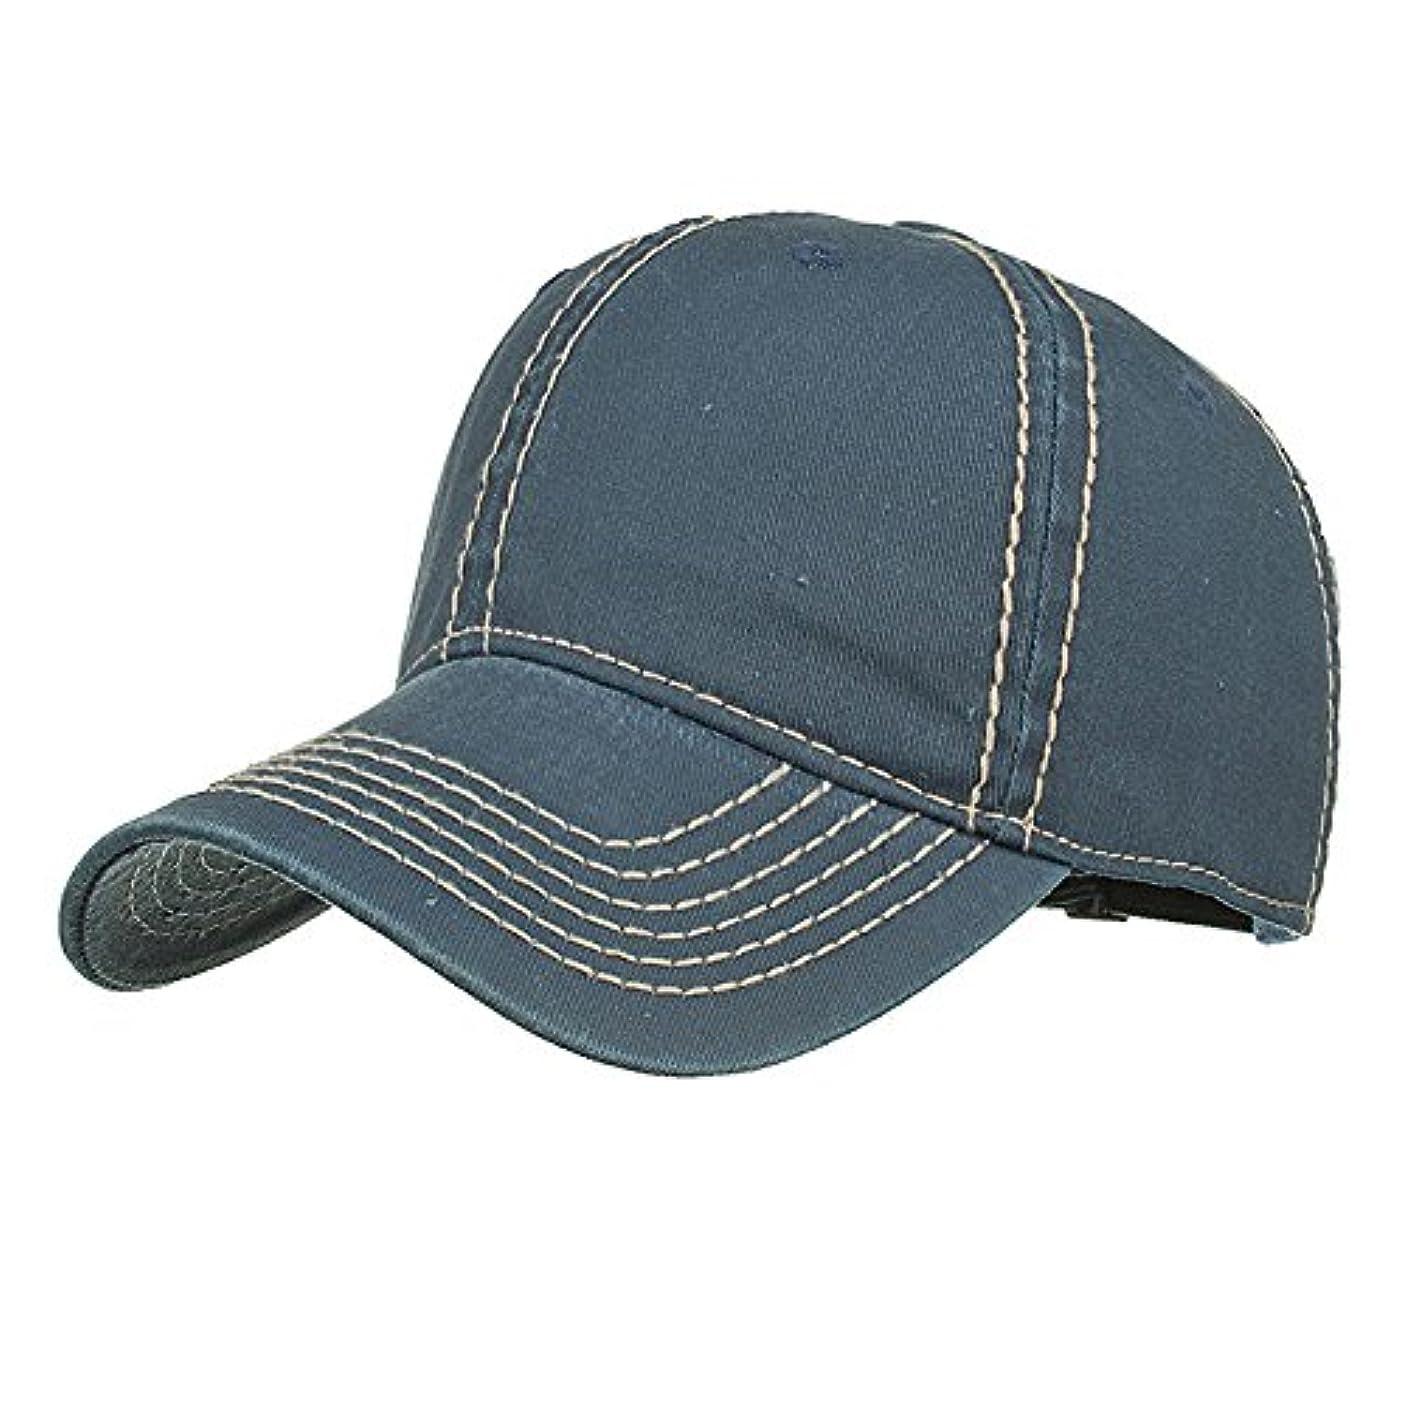 リゾート送る肝Racazing Cap 無地 野球帽 キャップ 夏 登山 通気性のある 帽子 ベルクロ 可調整可能 刺繍 棒球帽 UV 帽子 軽量 屋外 Unisex Hat (C)